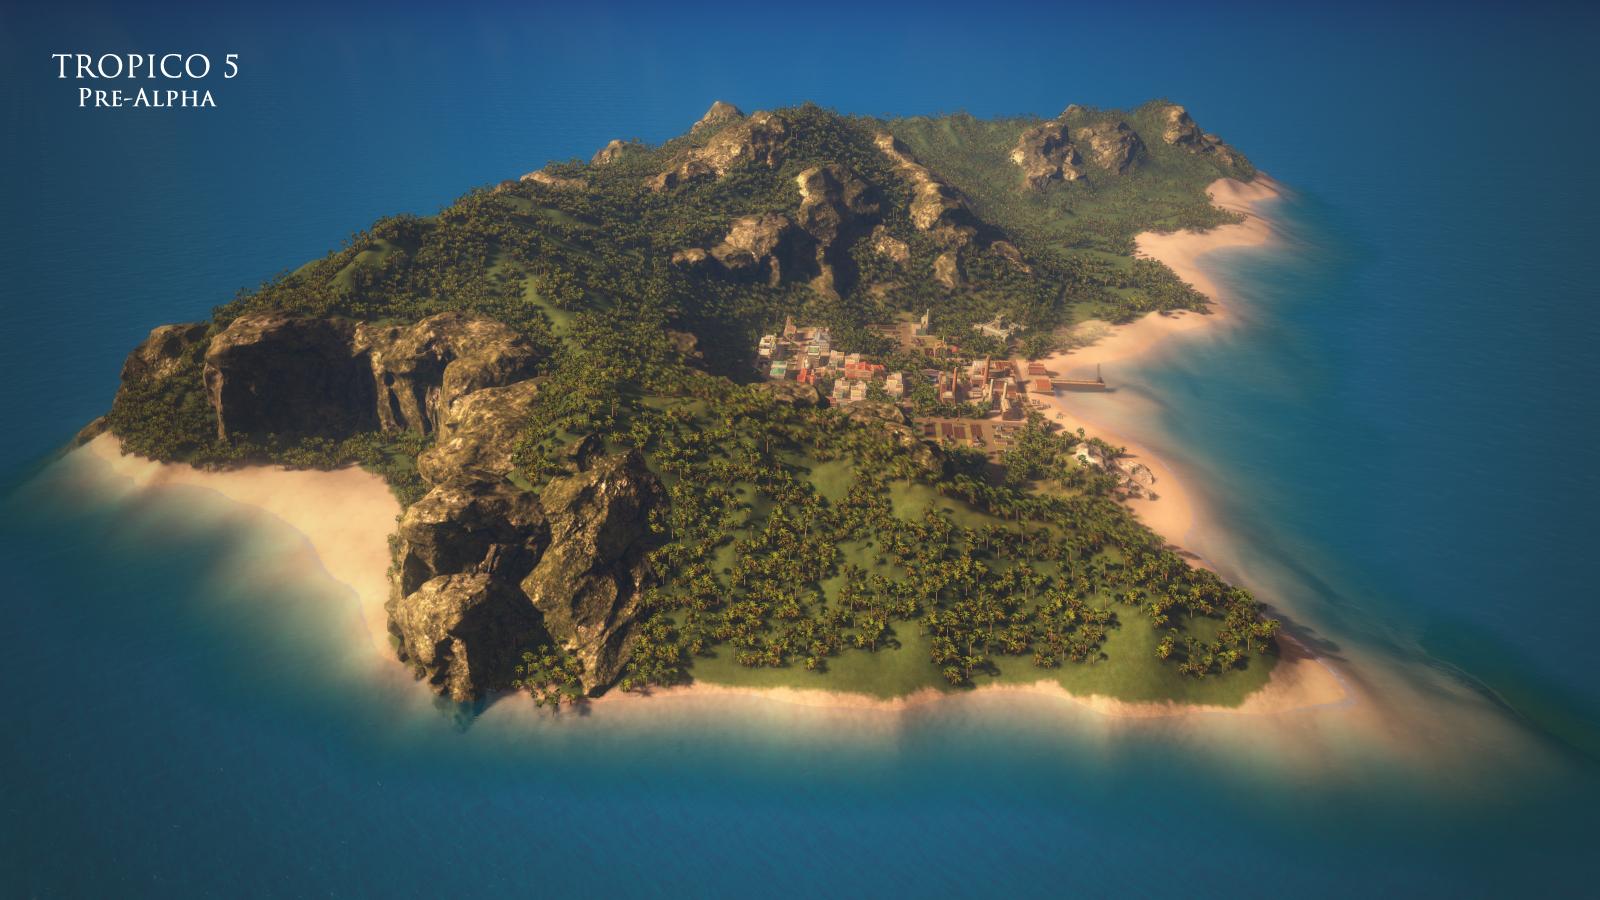 První obrázky z pátého Tropica 86860